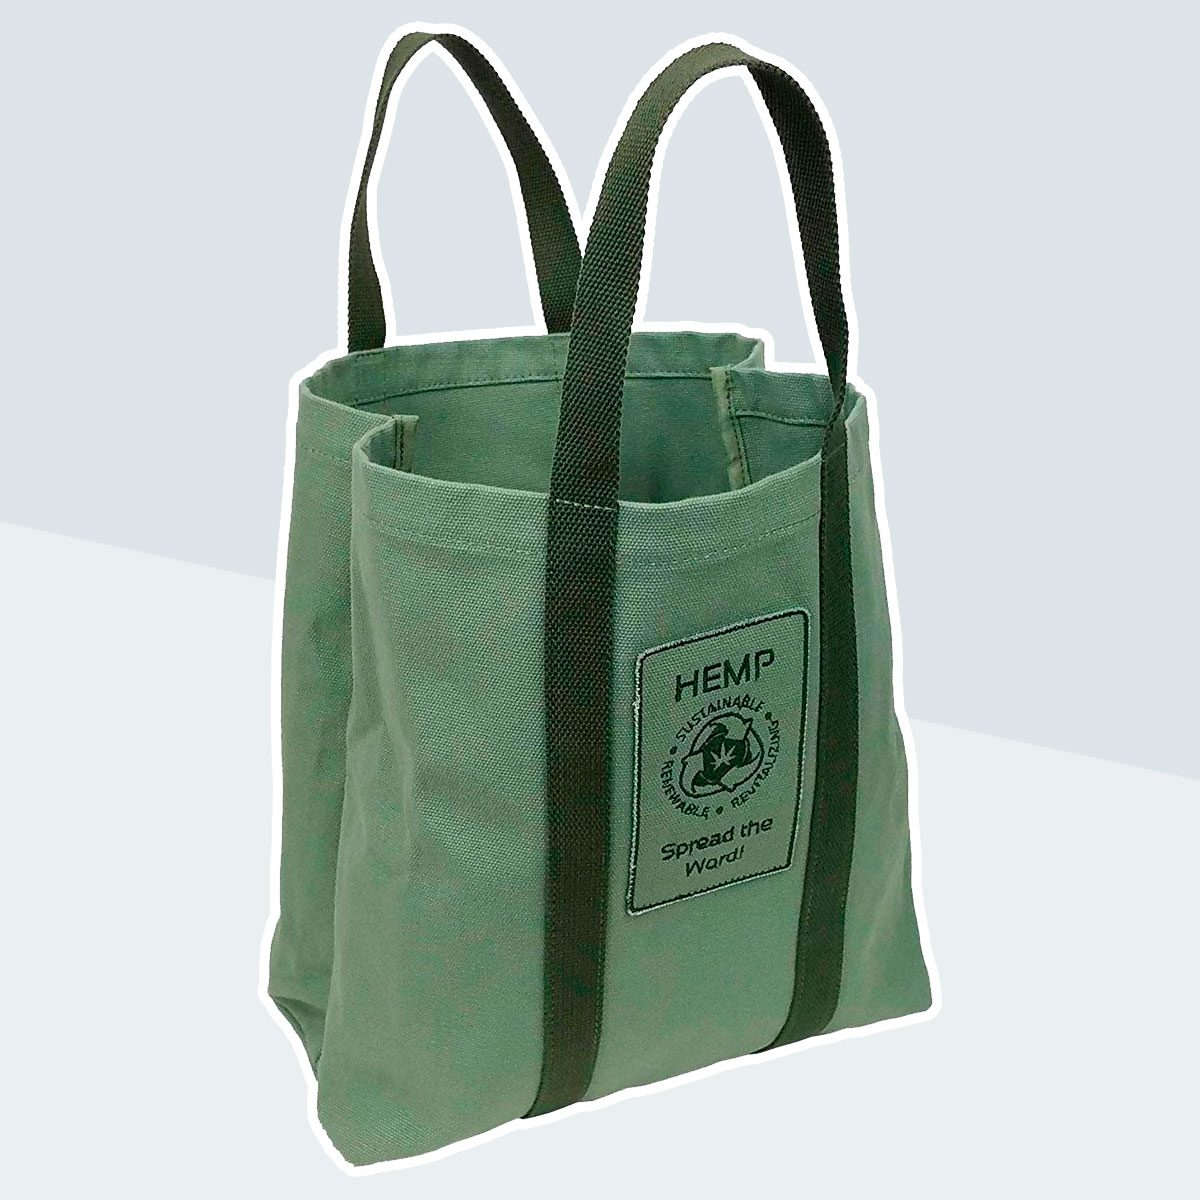 Reusable Heavy-Duty Shopping Bag